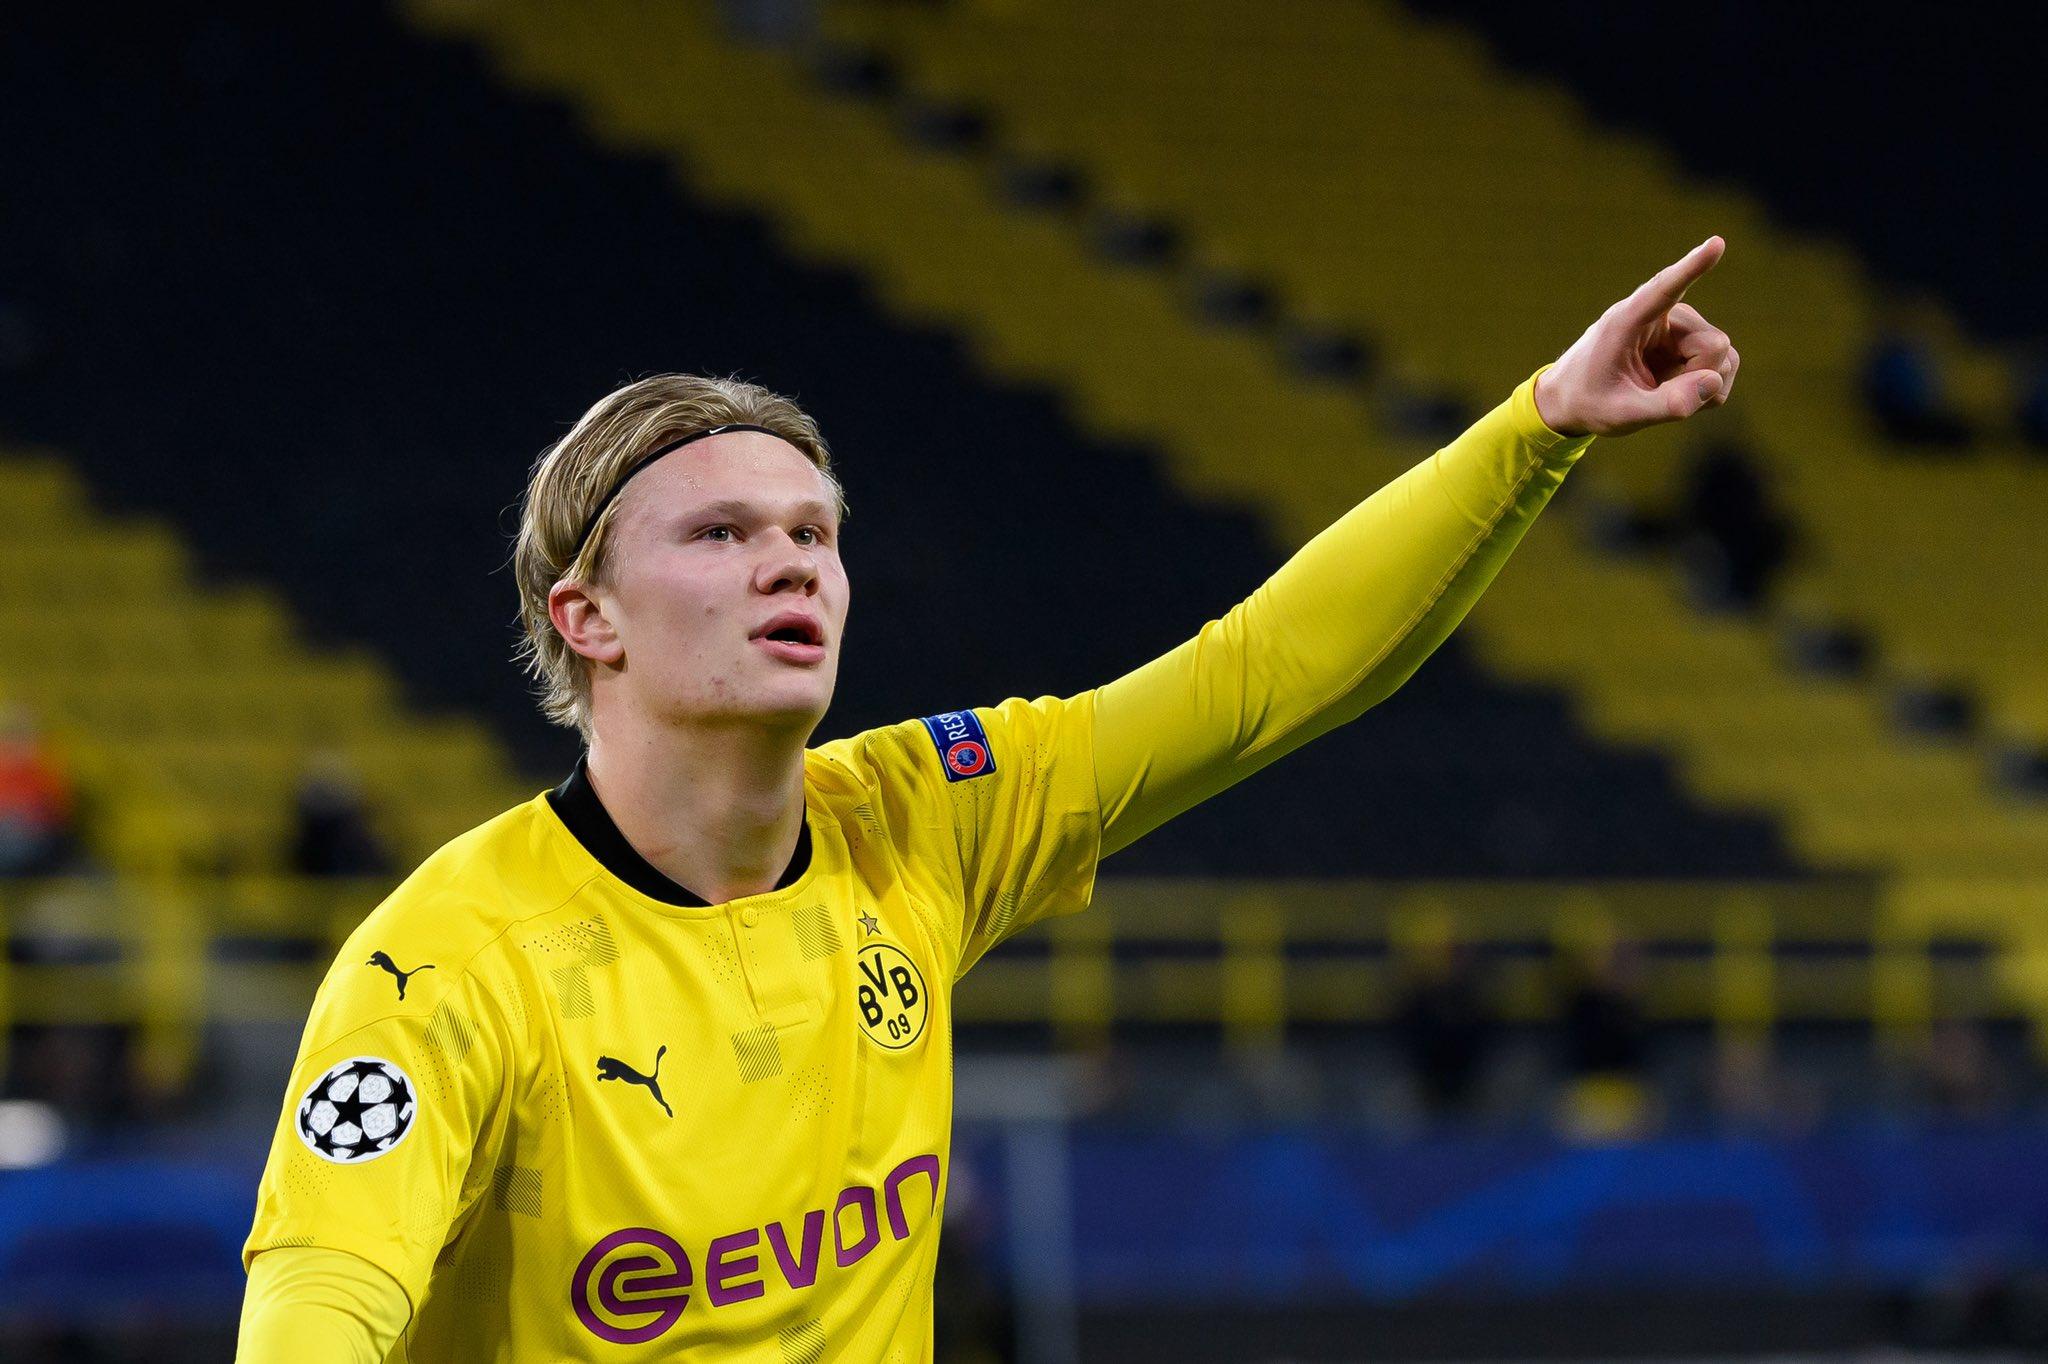 Borussia Dortmund's striker, Erling Haaland